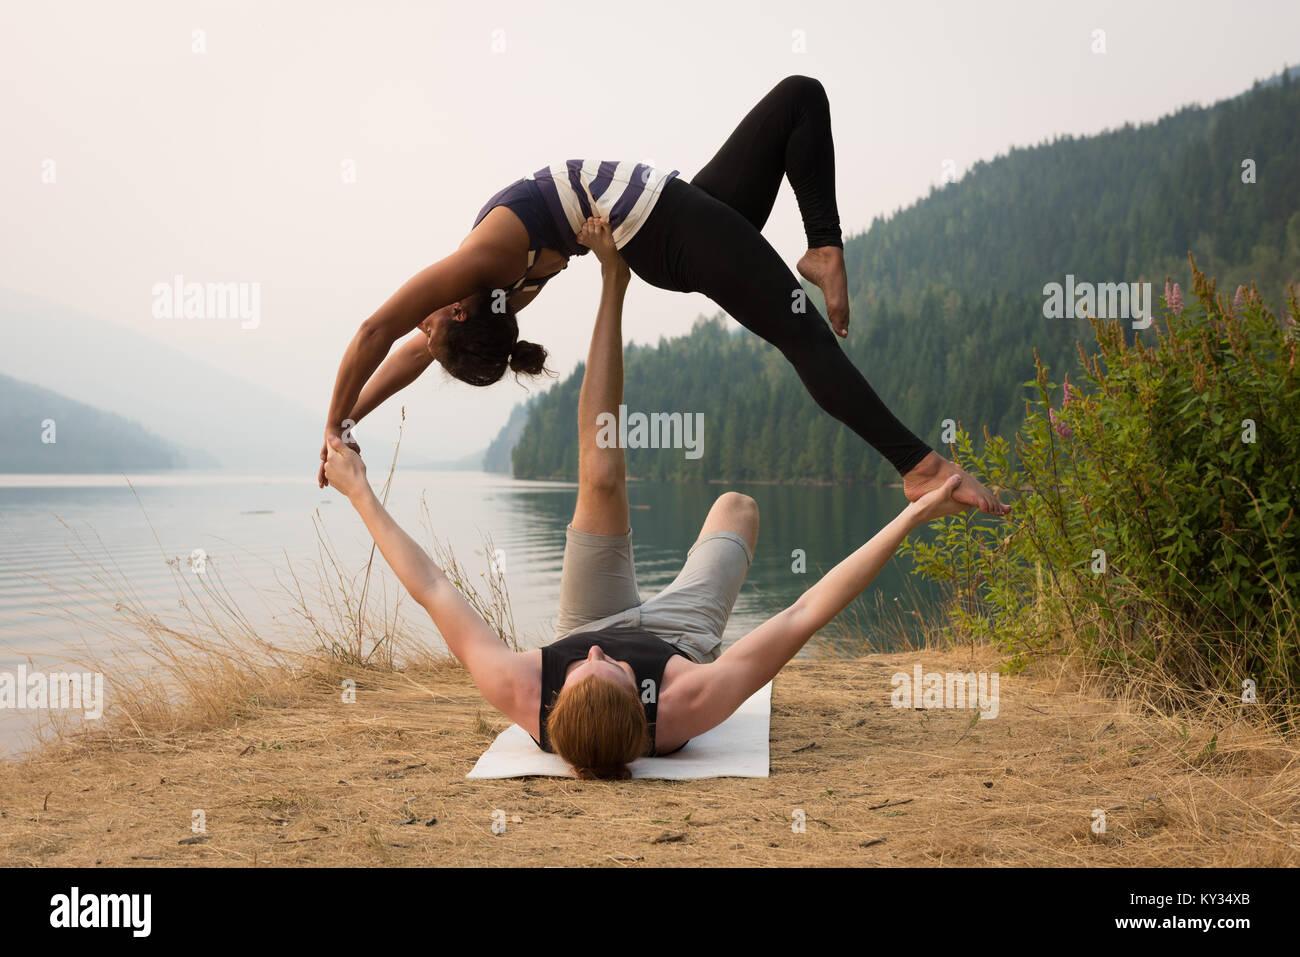 Montare il giovane praticante acro yoga in un lussureggiante terreno Immagini Stock